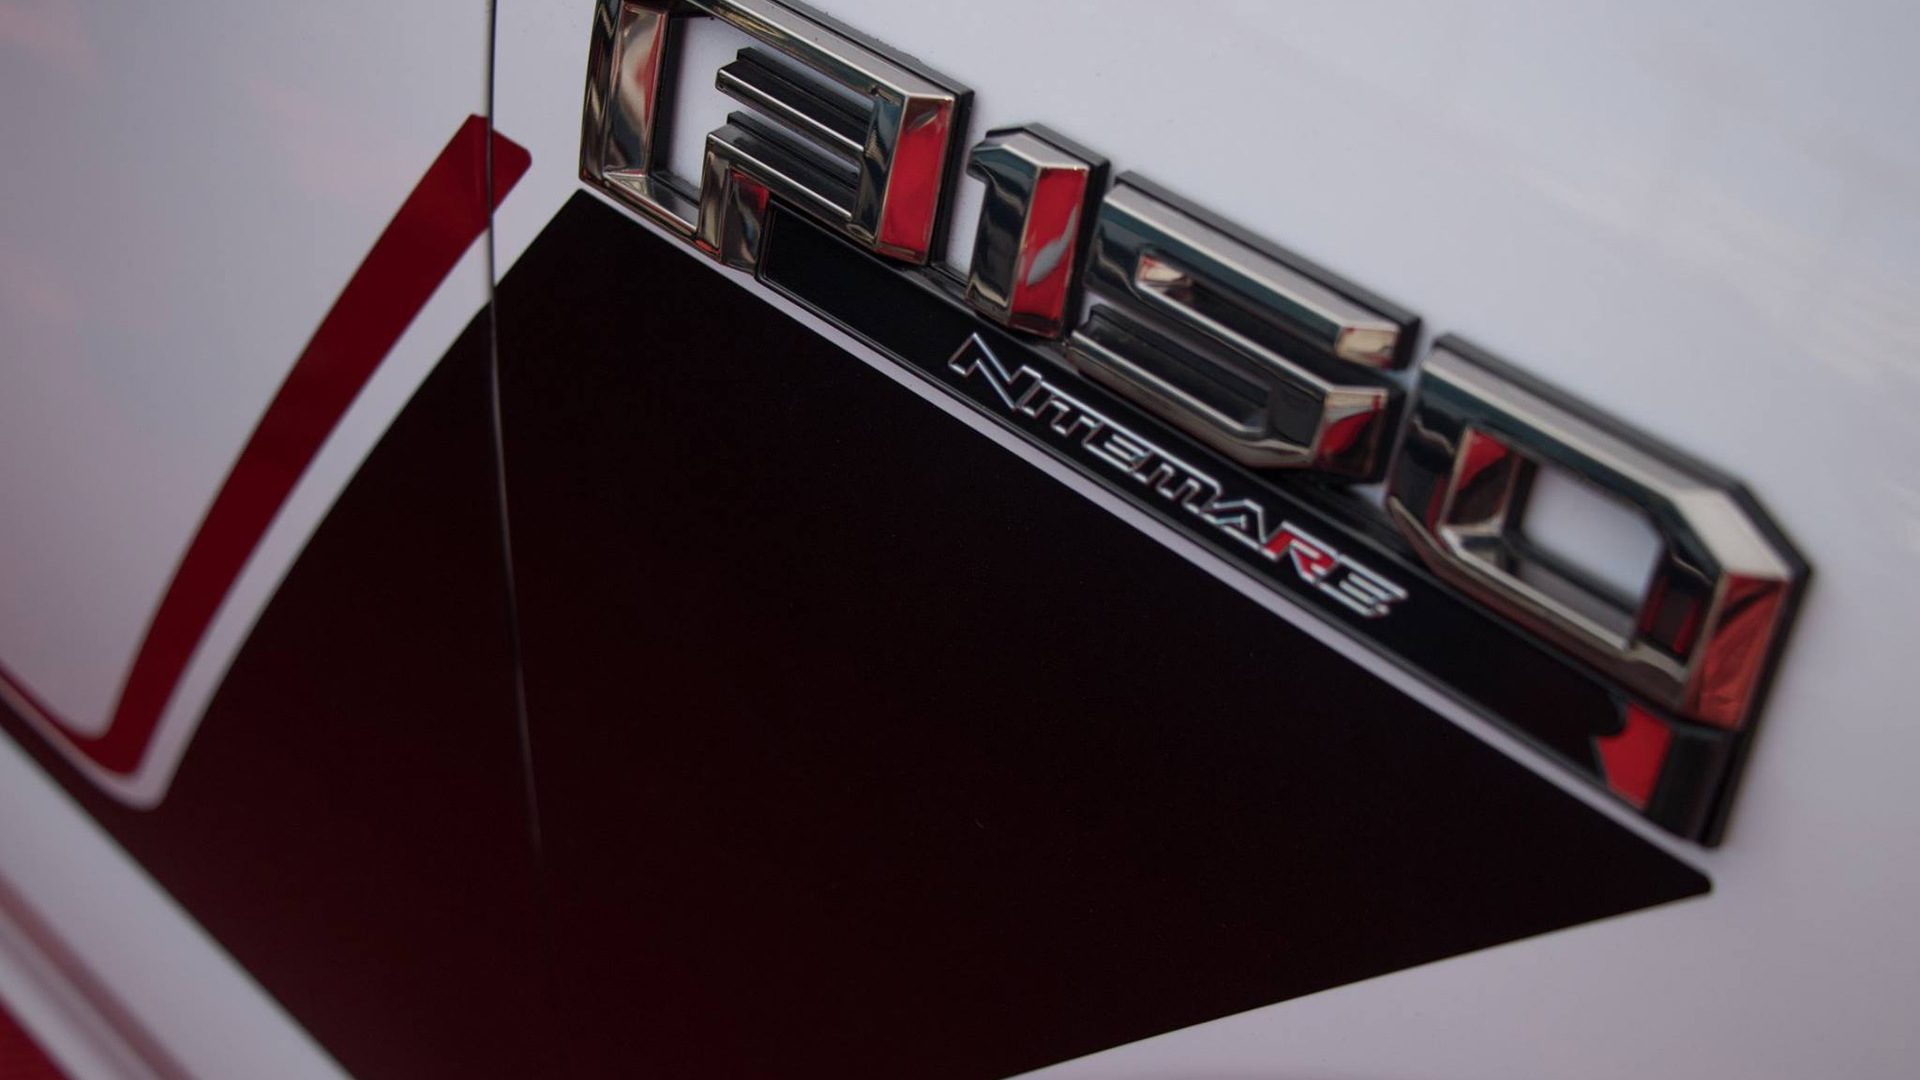 2017 Roush F-150 Nitemare, 2016 SEMA show